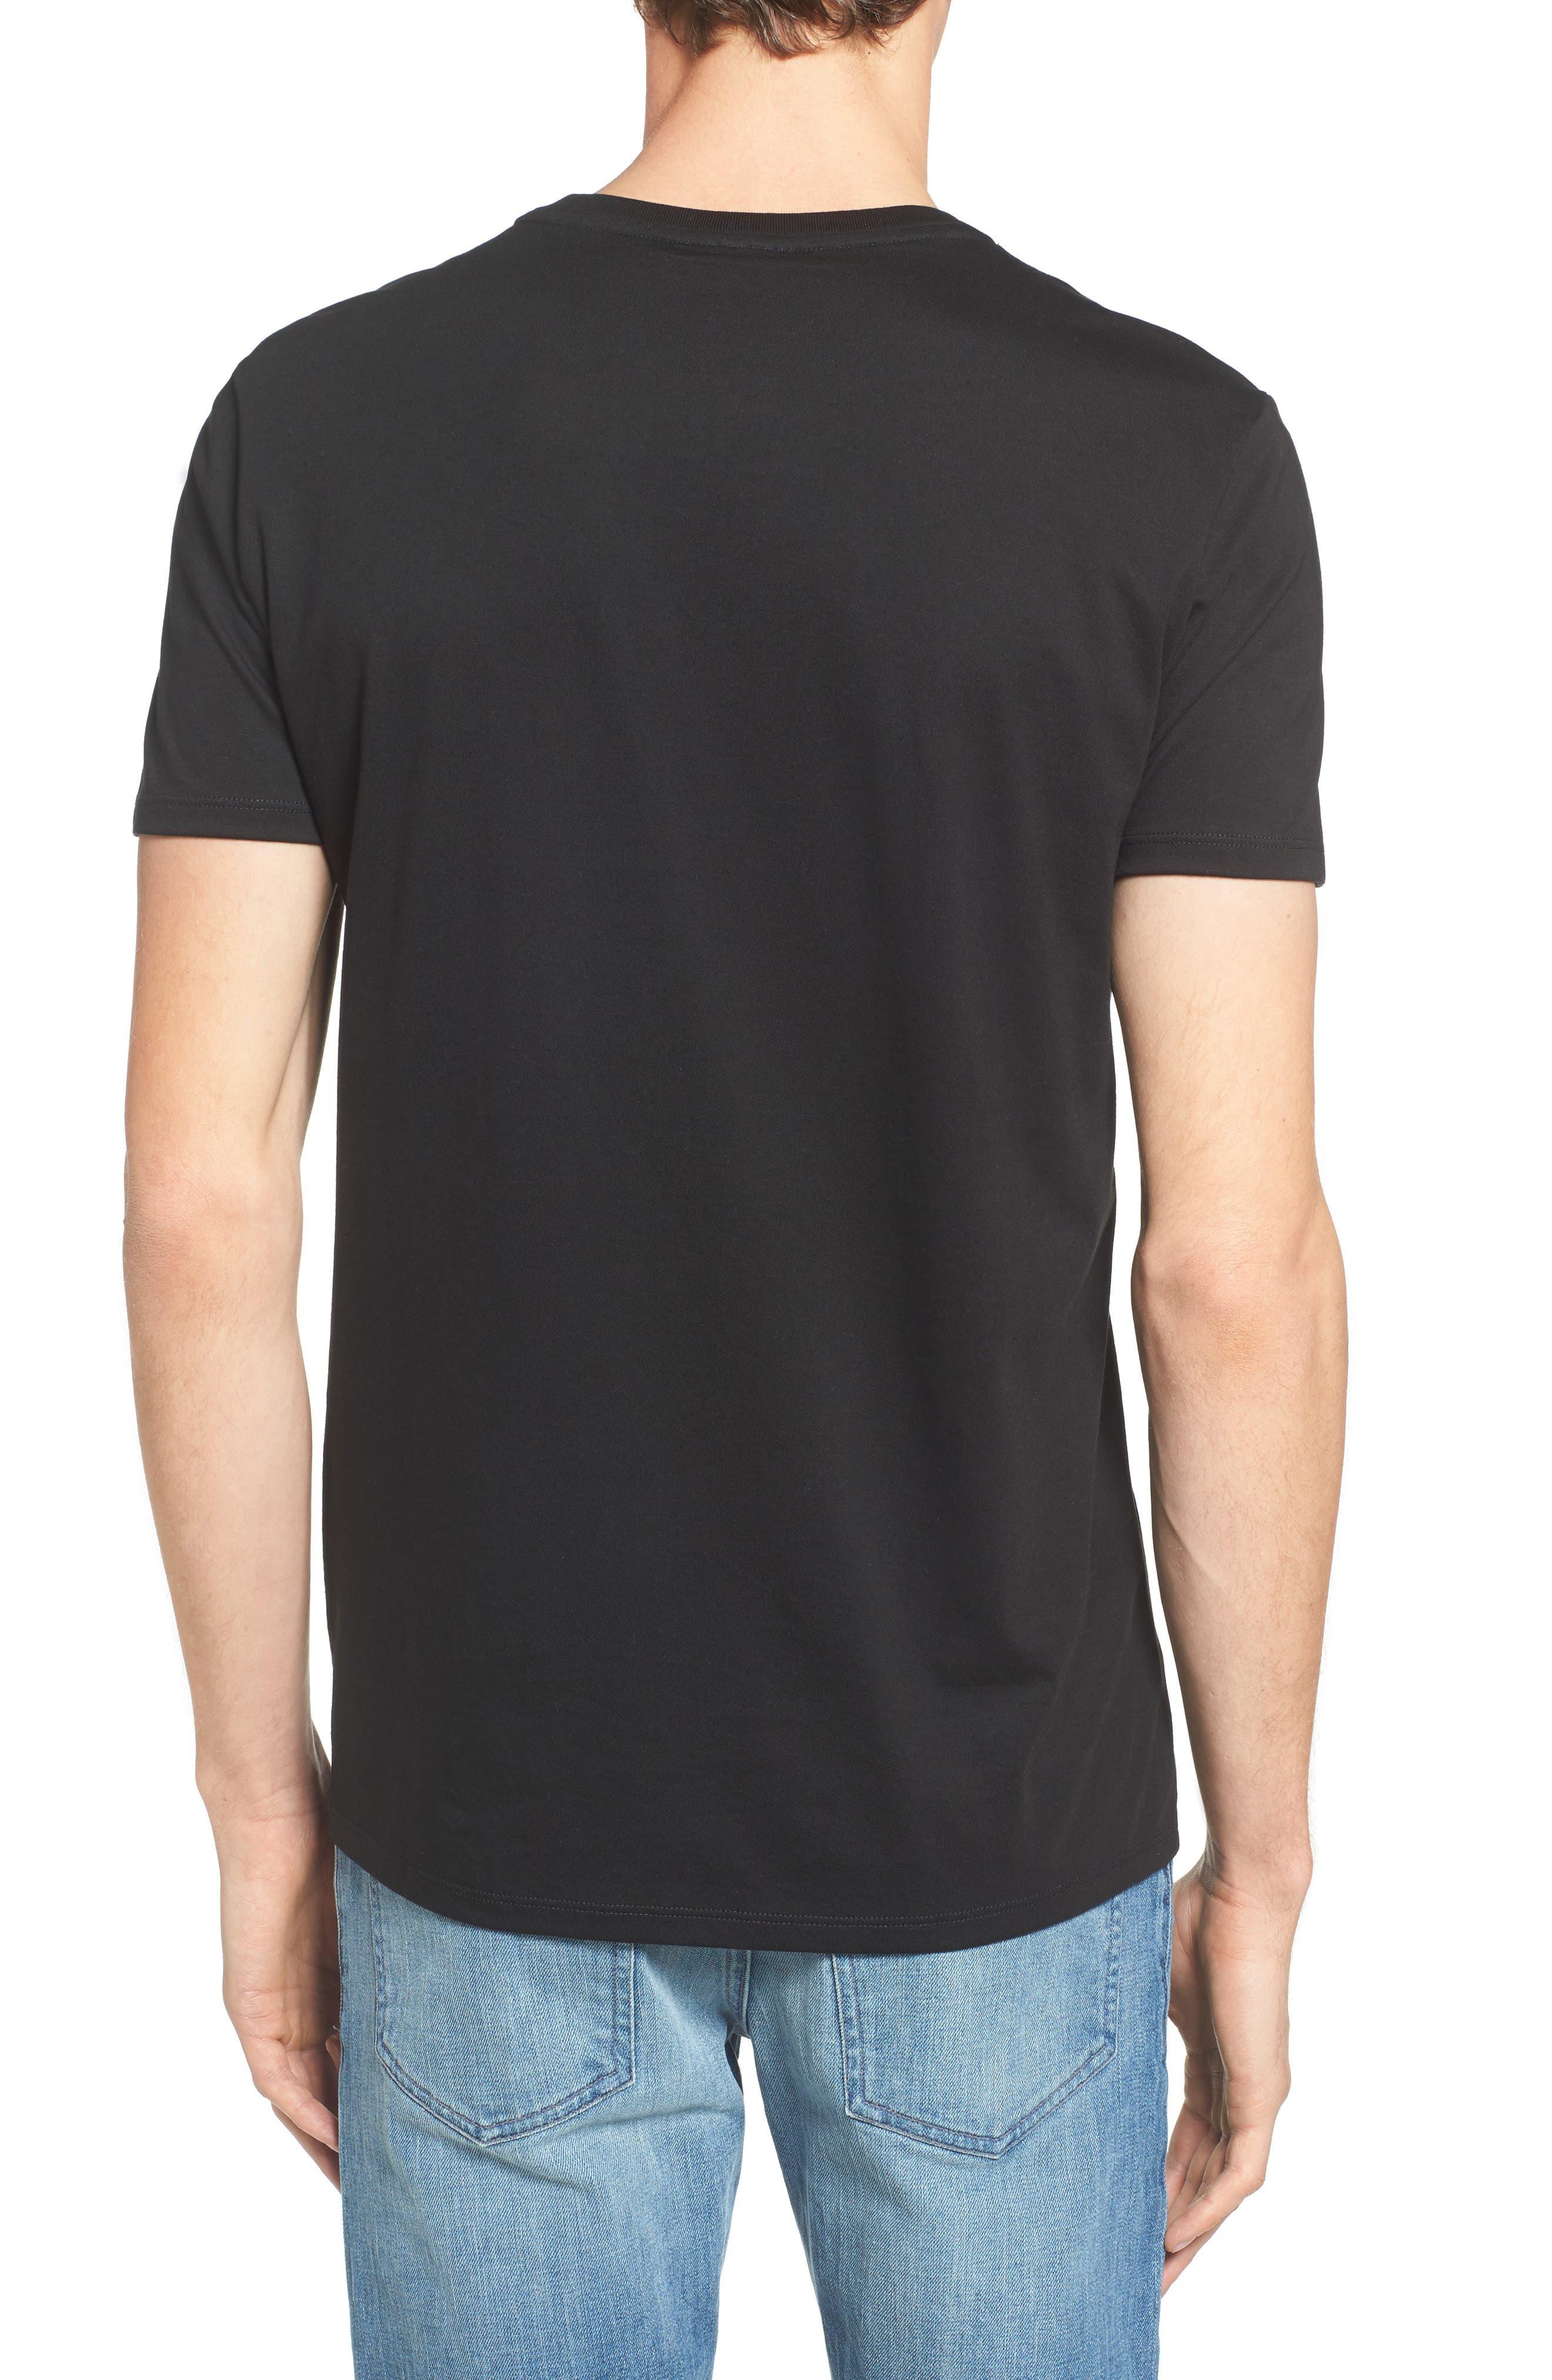 Pima Cotton T-Shirt,                             Alternate thumbnail 2, color,                             BLACK